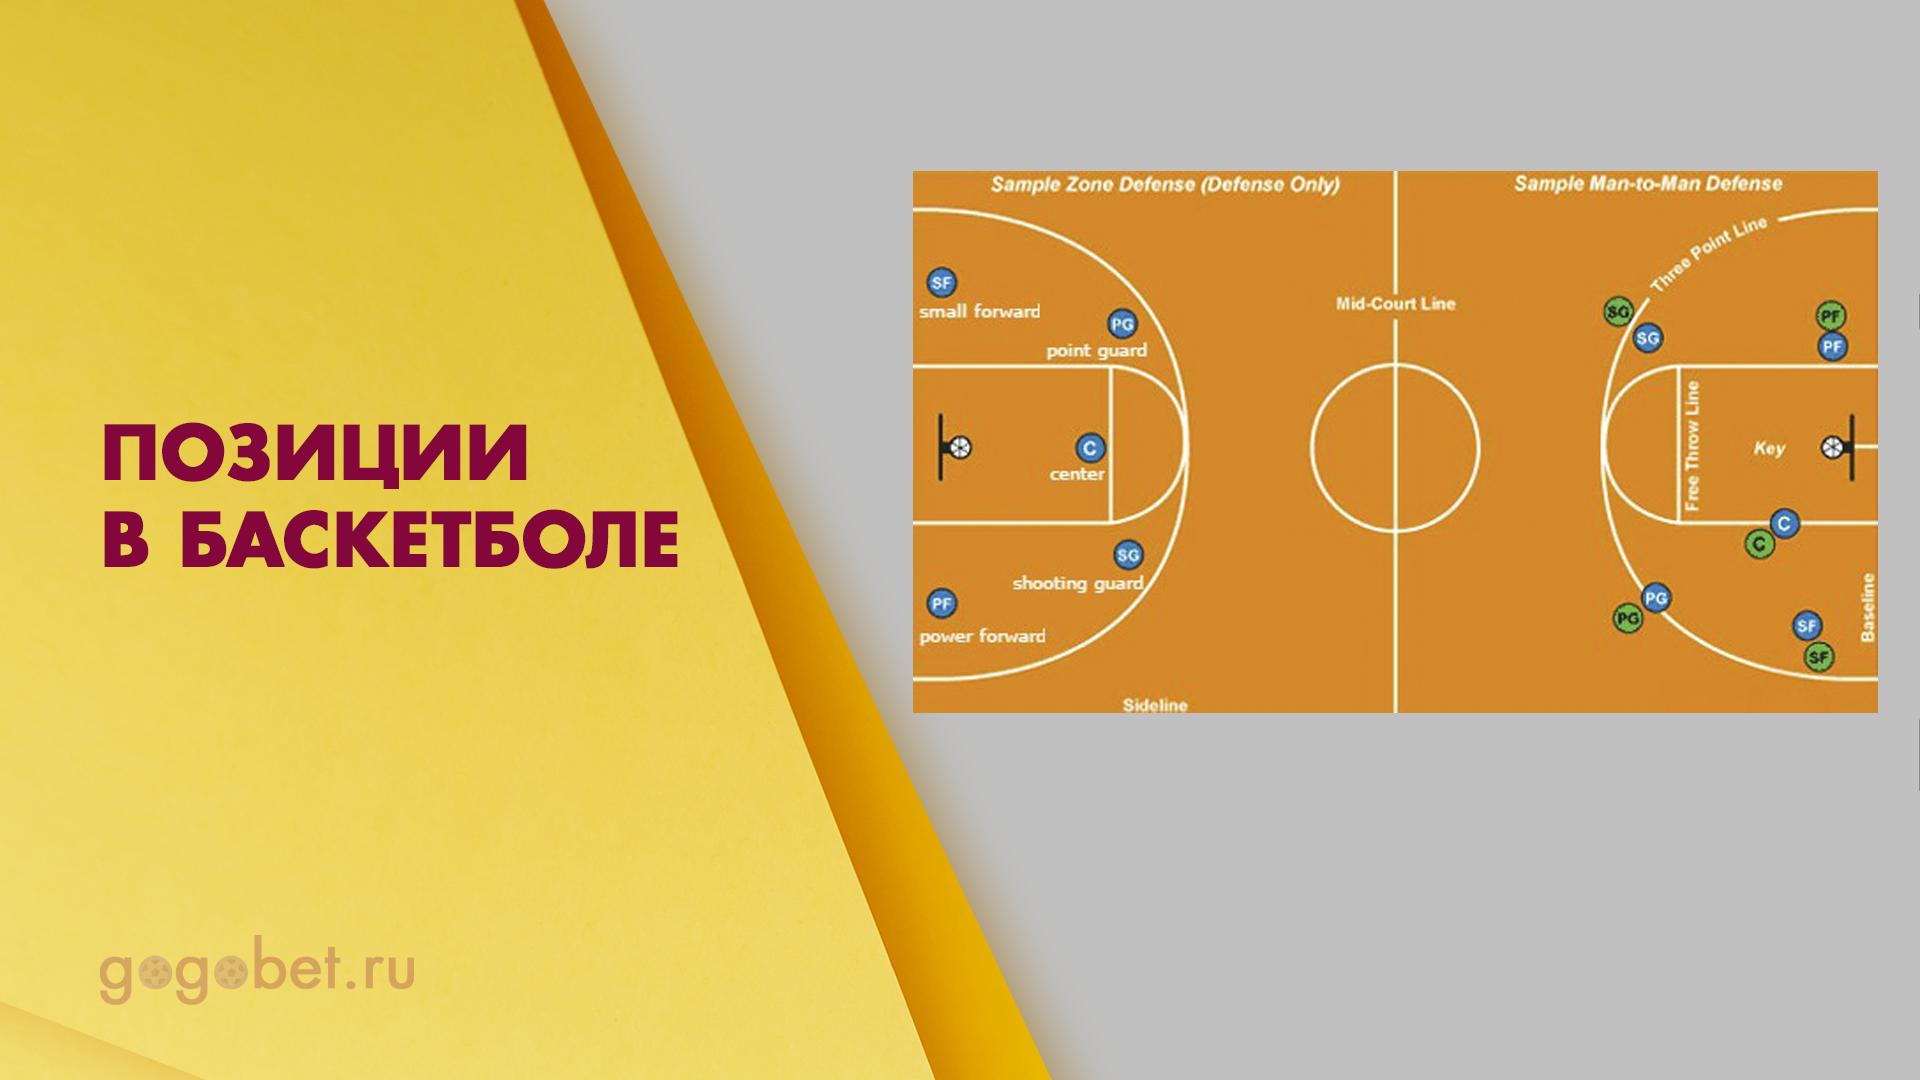 Расстановка игроков на поле по правилам баскетбола